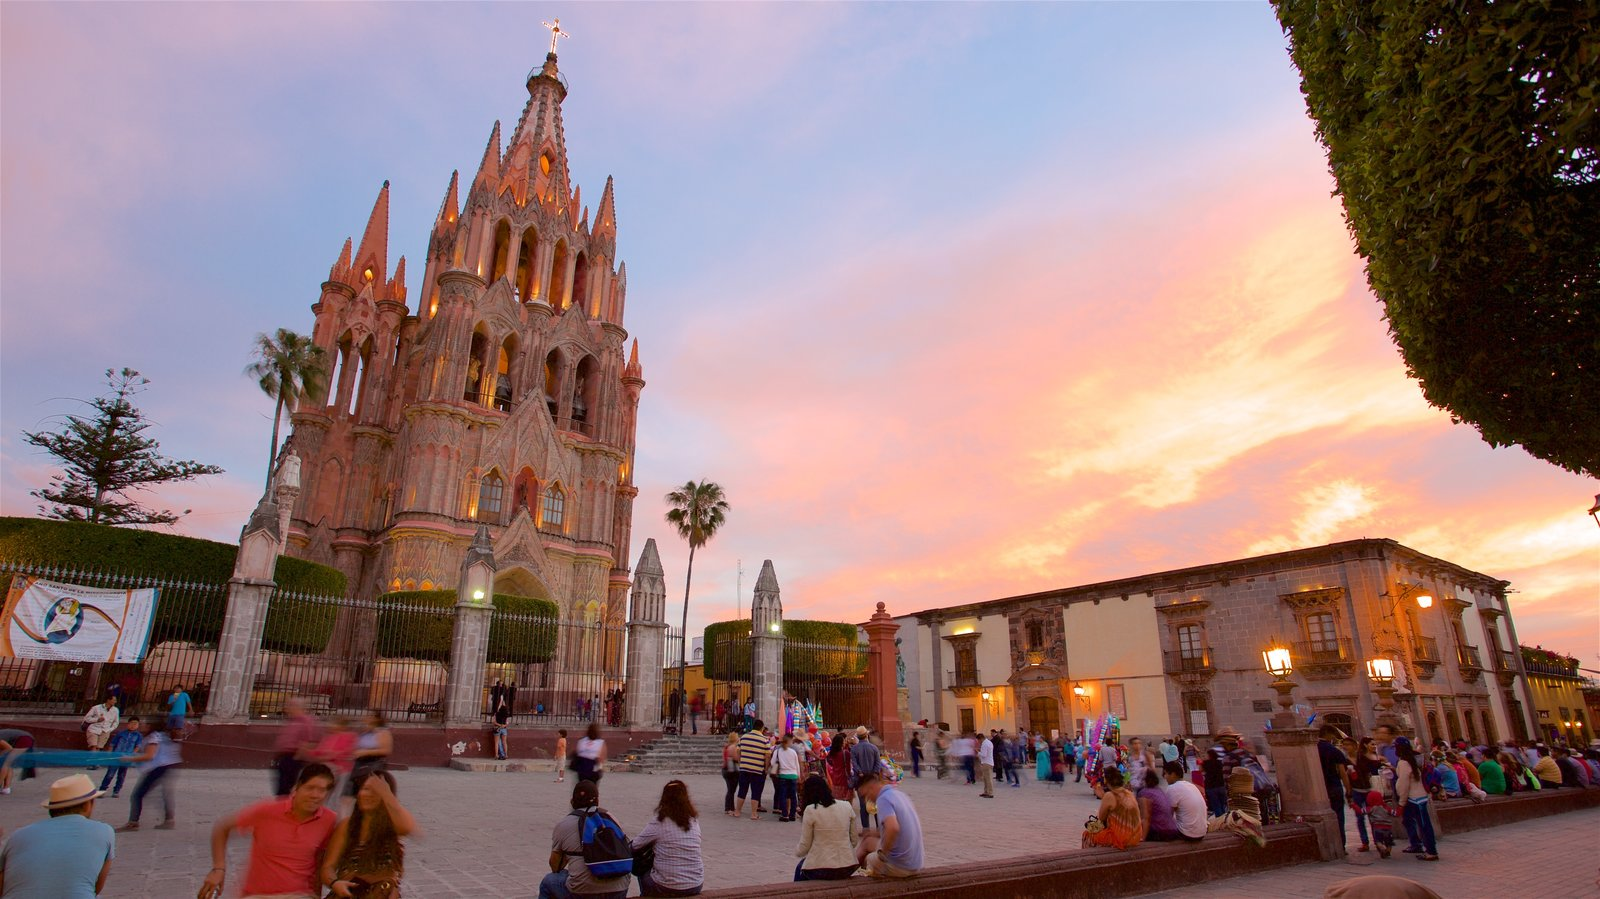 Igreja Paroquial de San Miguel Arcangel caracterizando uma praça ou plaza, um pôr do sol e arquitetura de patrimônio